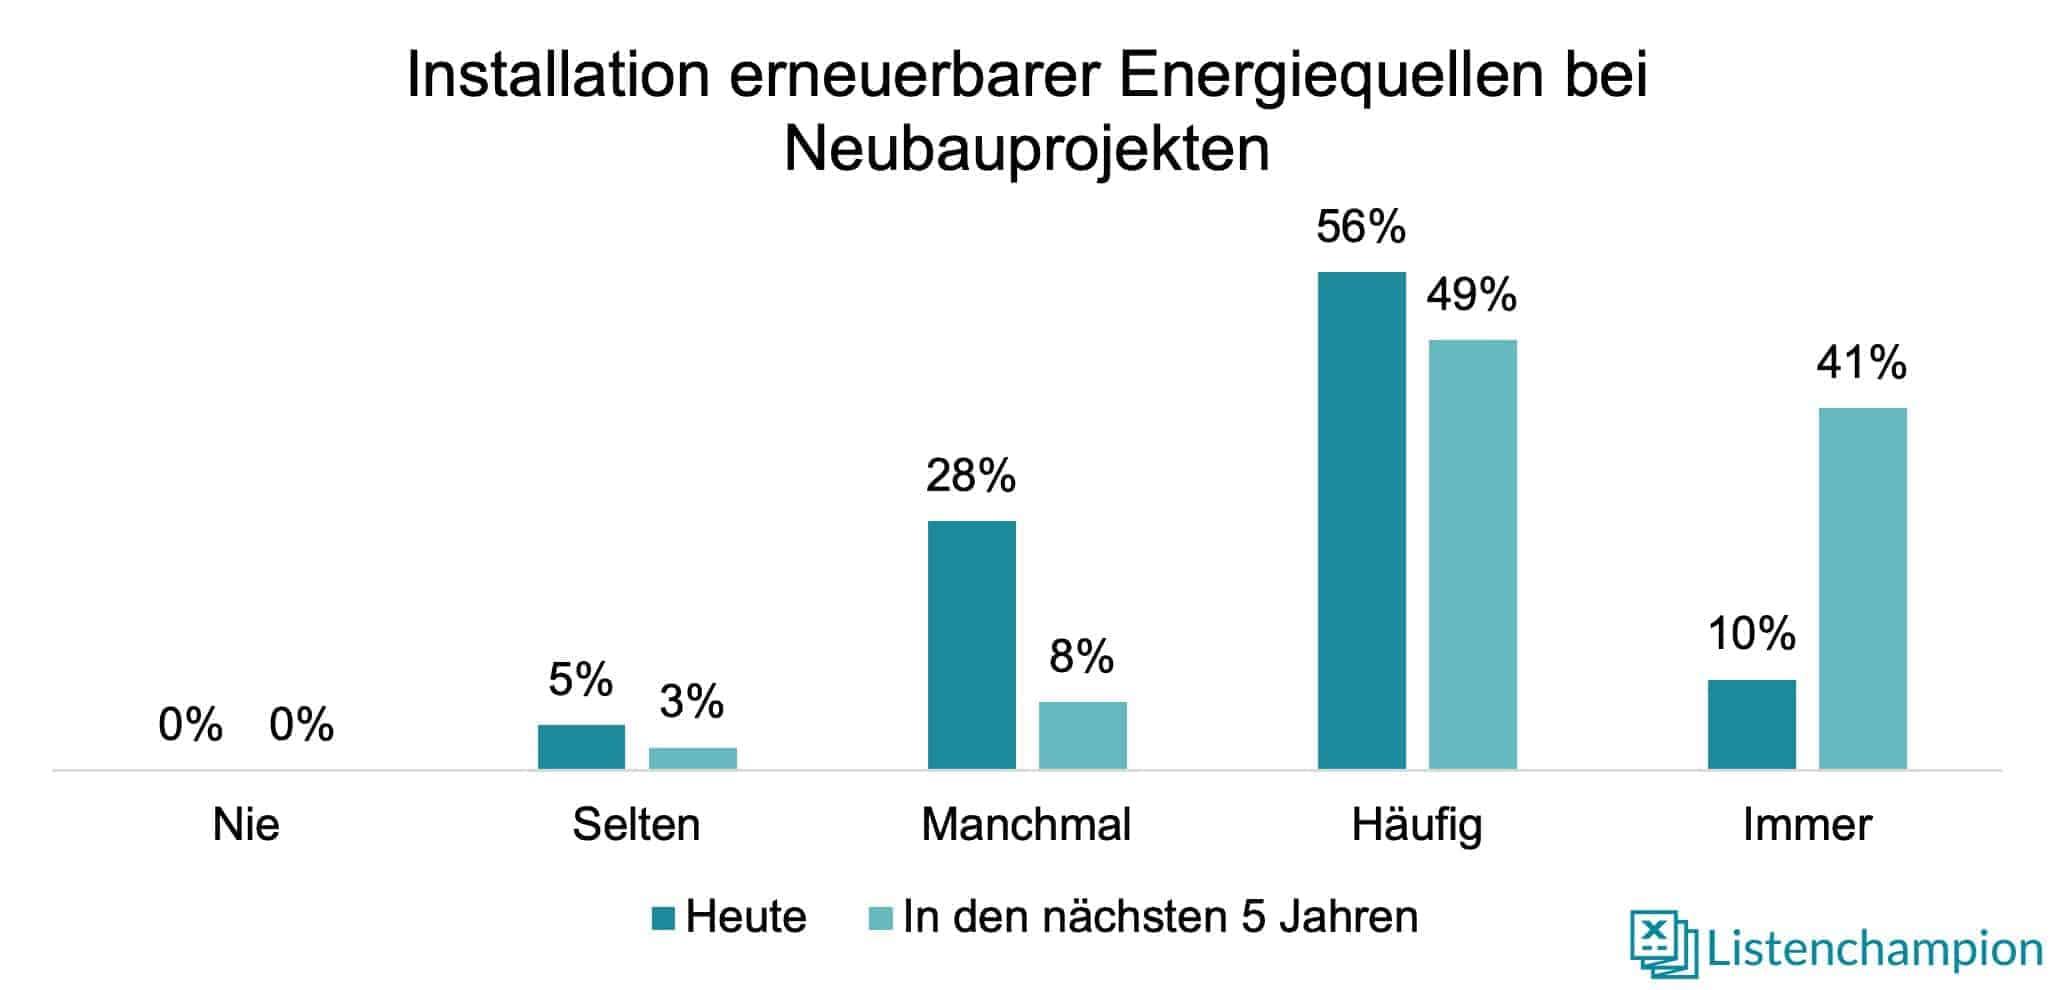 Erneuerbare Energiequellen Neubauprojekte